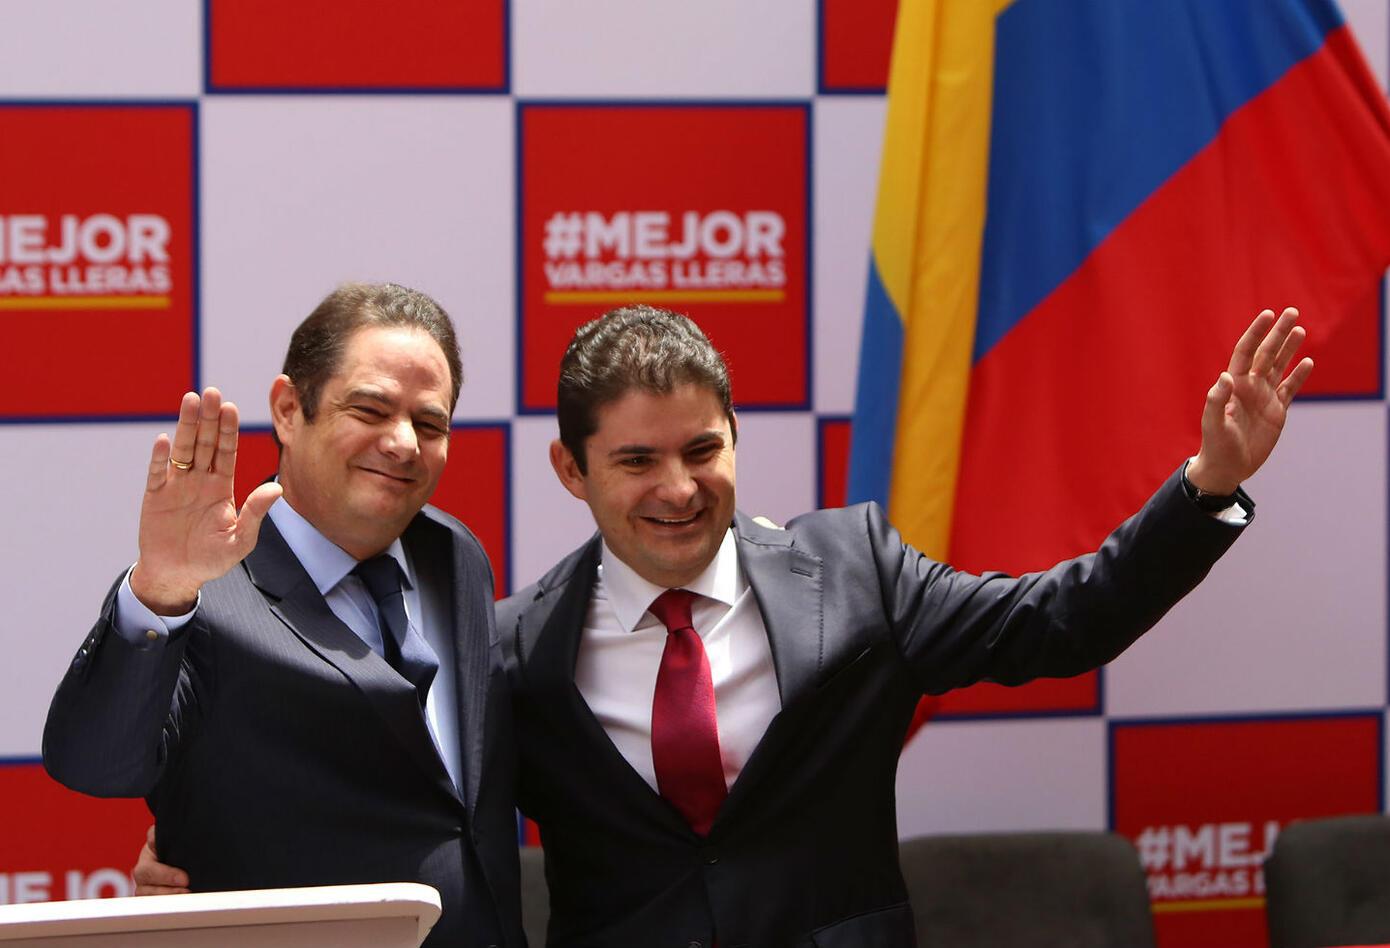 Germán Vargas Lleras y Luis Felipe Henao